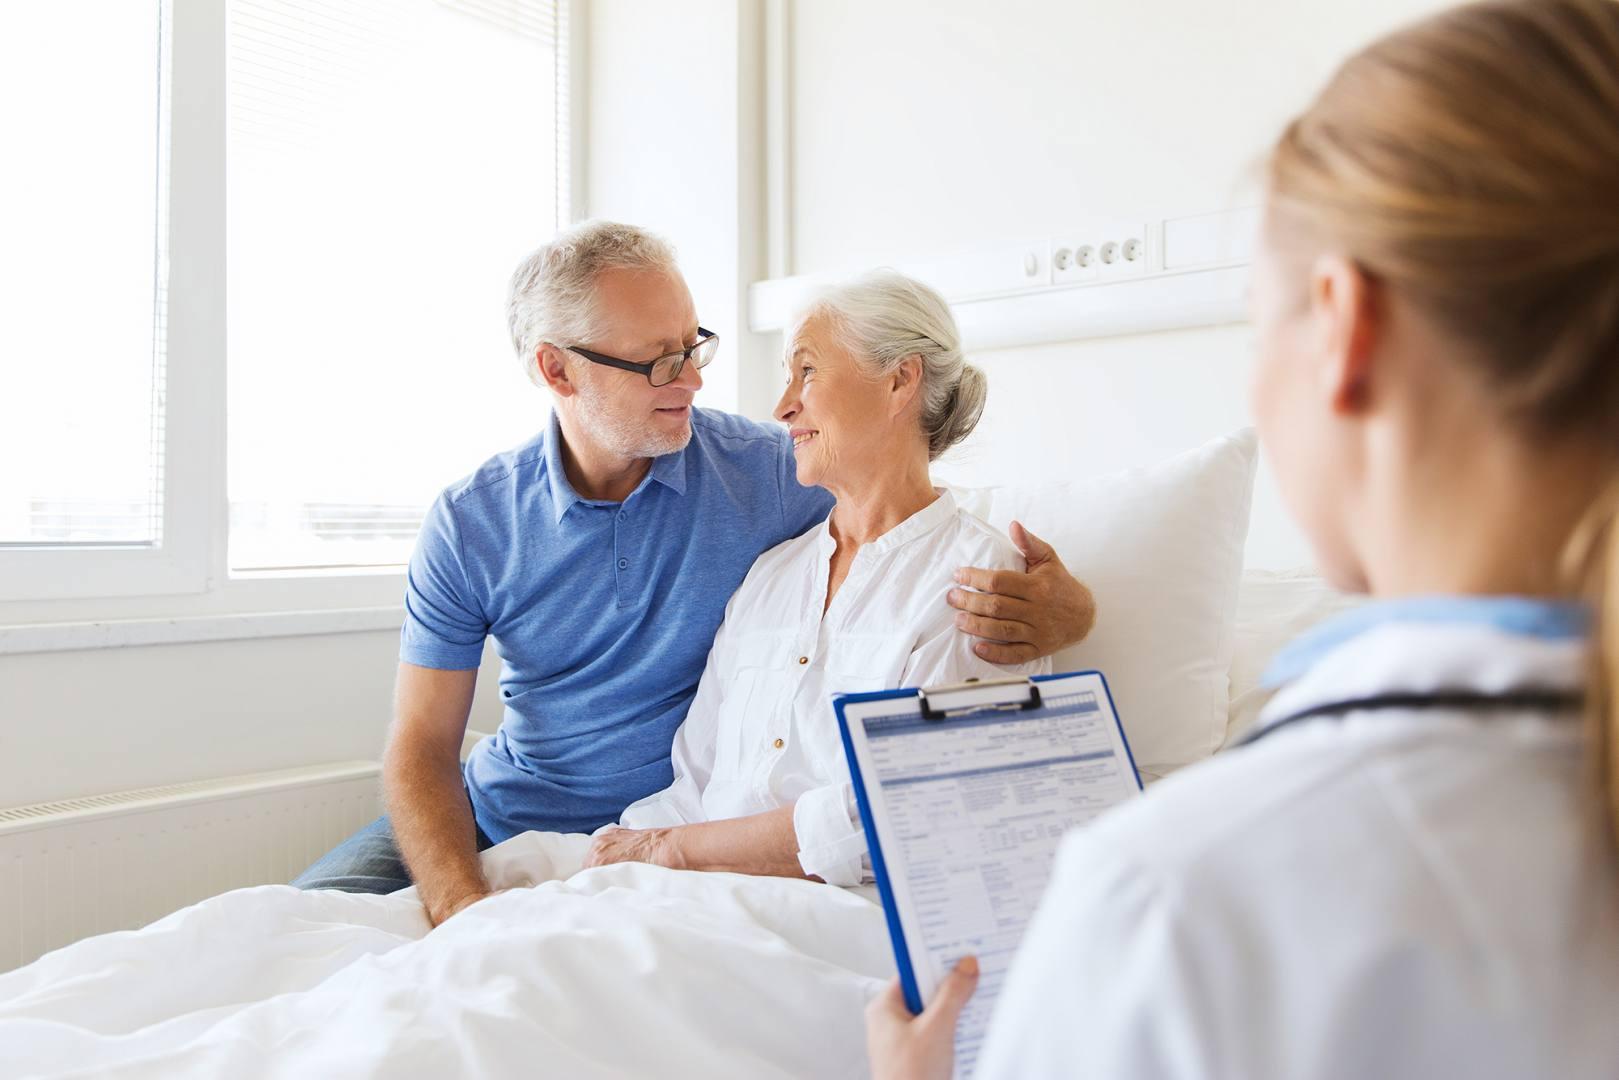 Mężczyzna towarzyszy kobiecie w szpitalu podczas rozmowy z lekarz prowadzącą